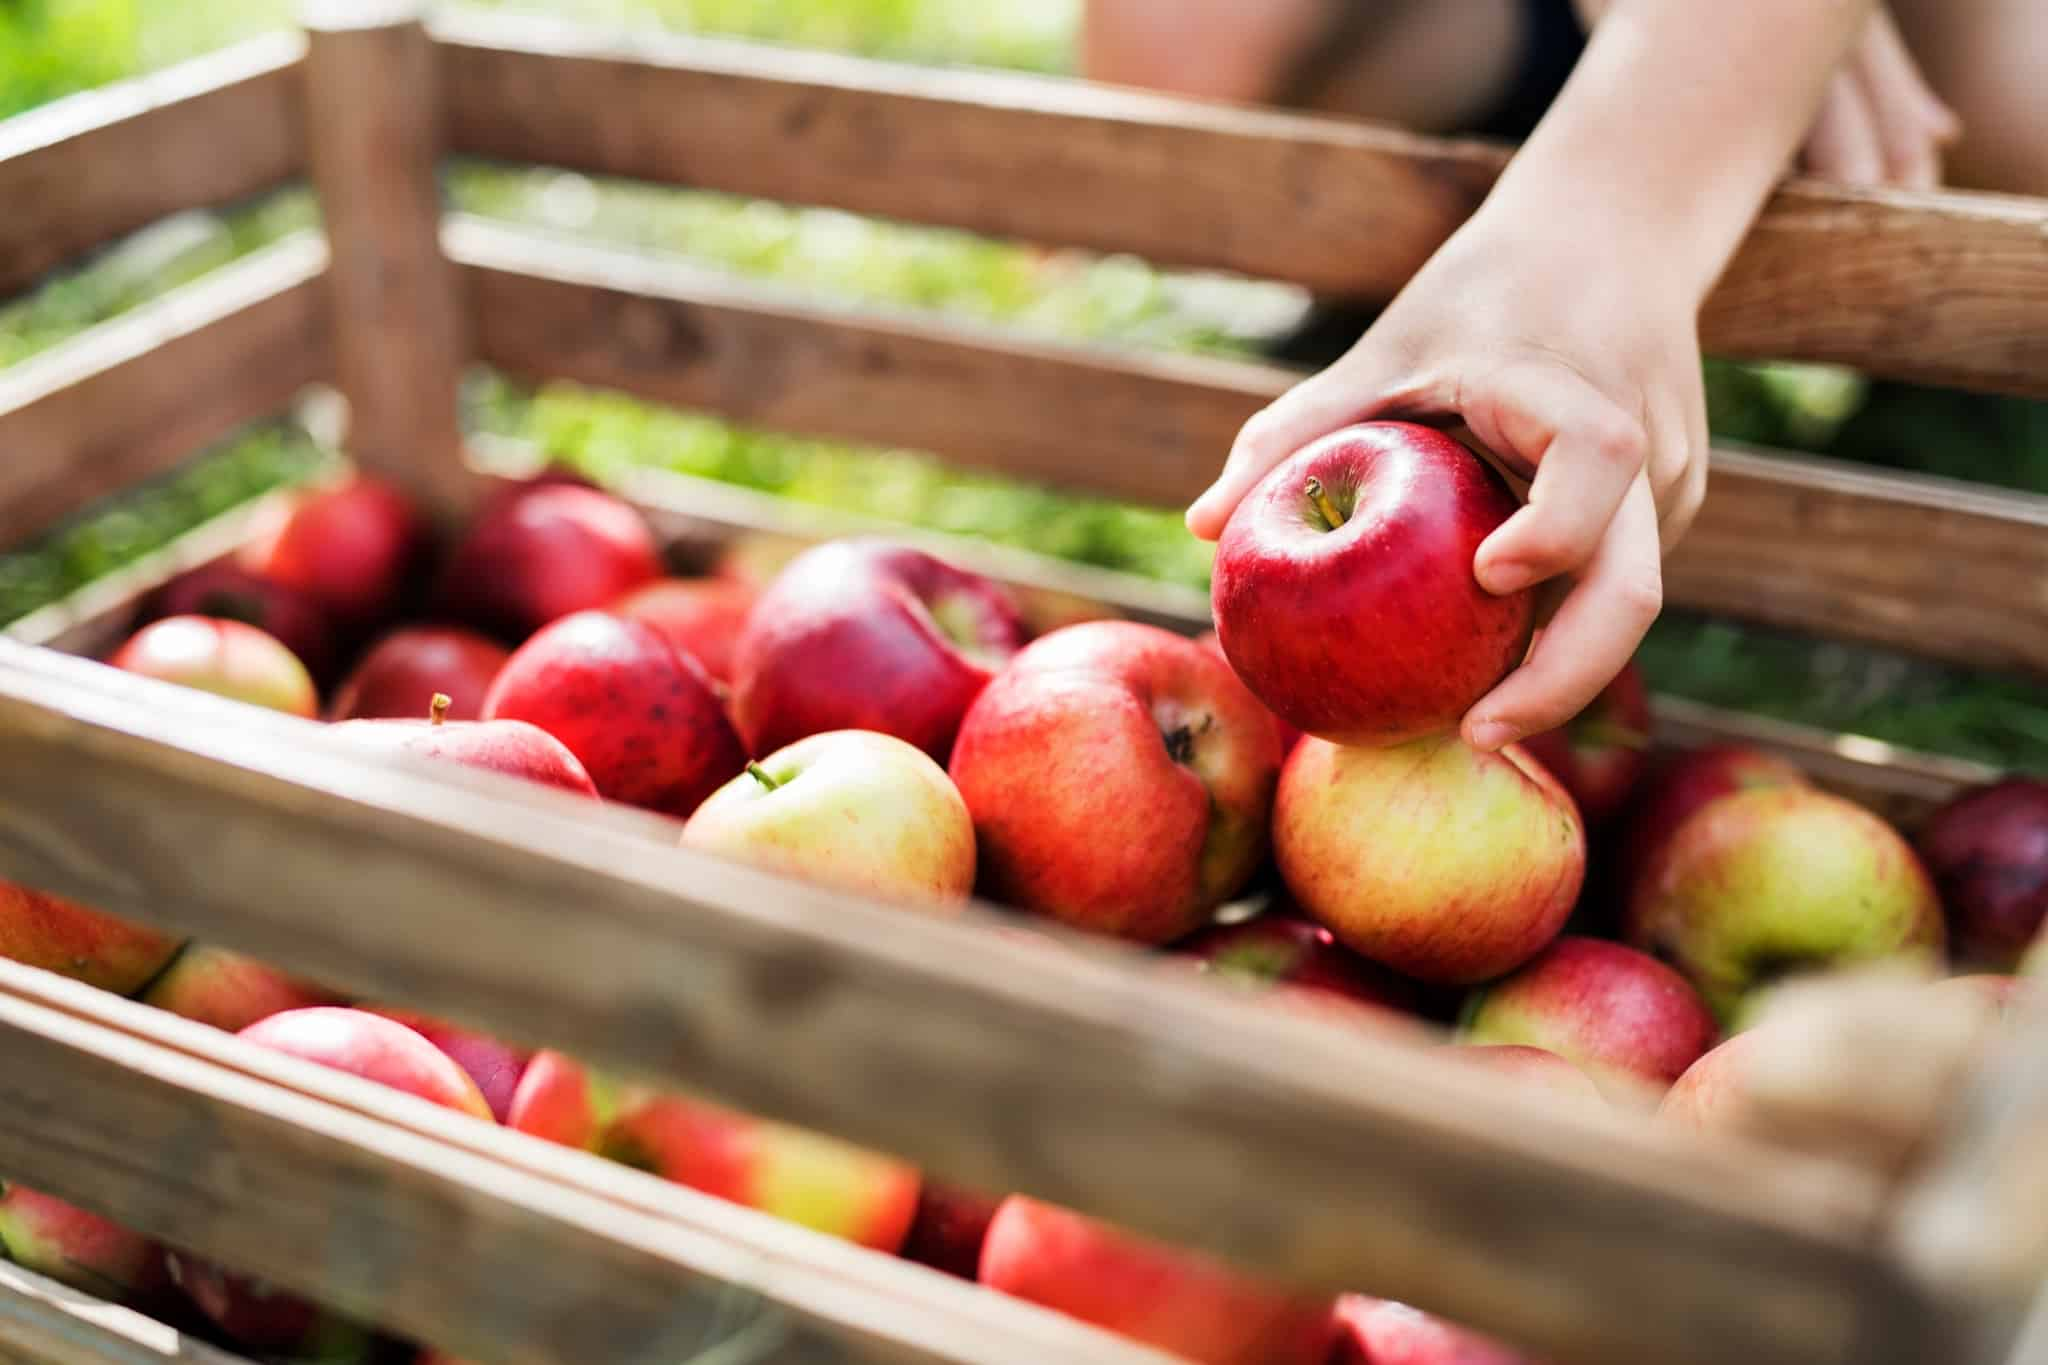 Holzkiste mit frischen roten Äpfeln